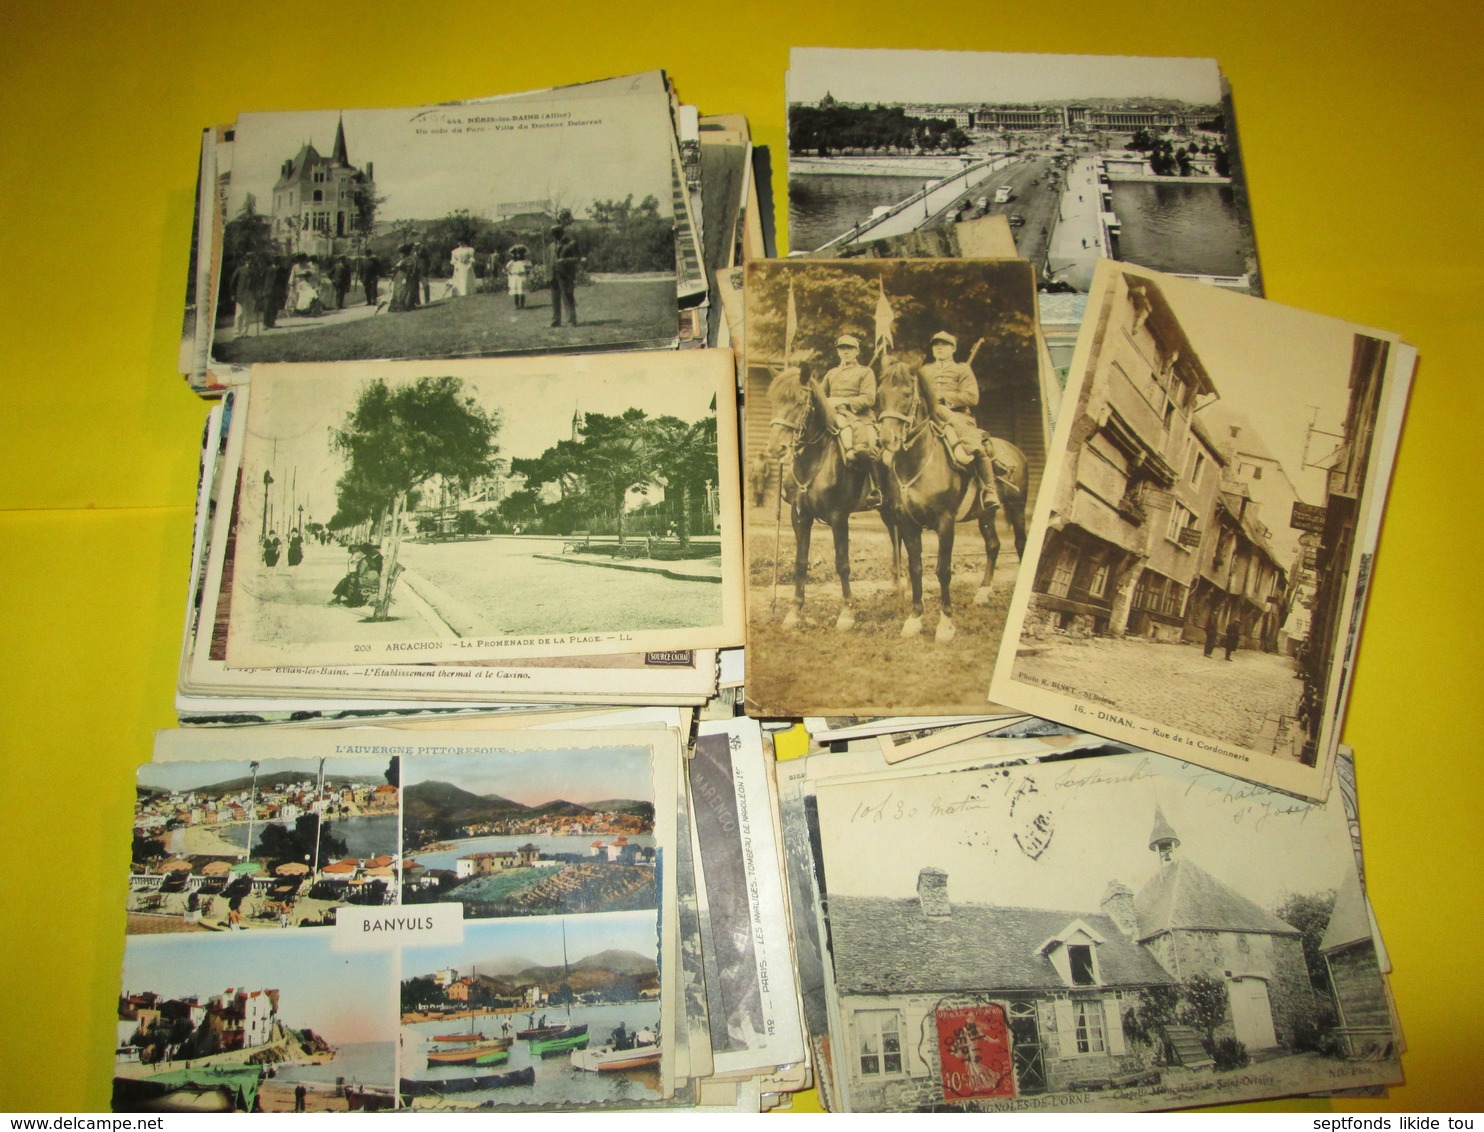 Départ 1 Centime  La CPA ..   Minimum 500 Cartes  Lot N° 9 (arrêt Complet De L'activité) - 500 Postcards Min.